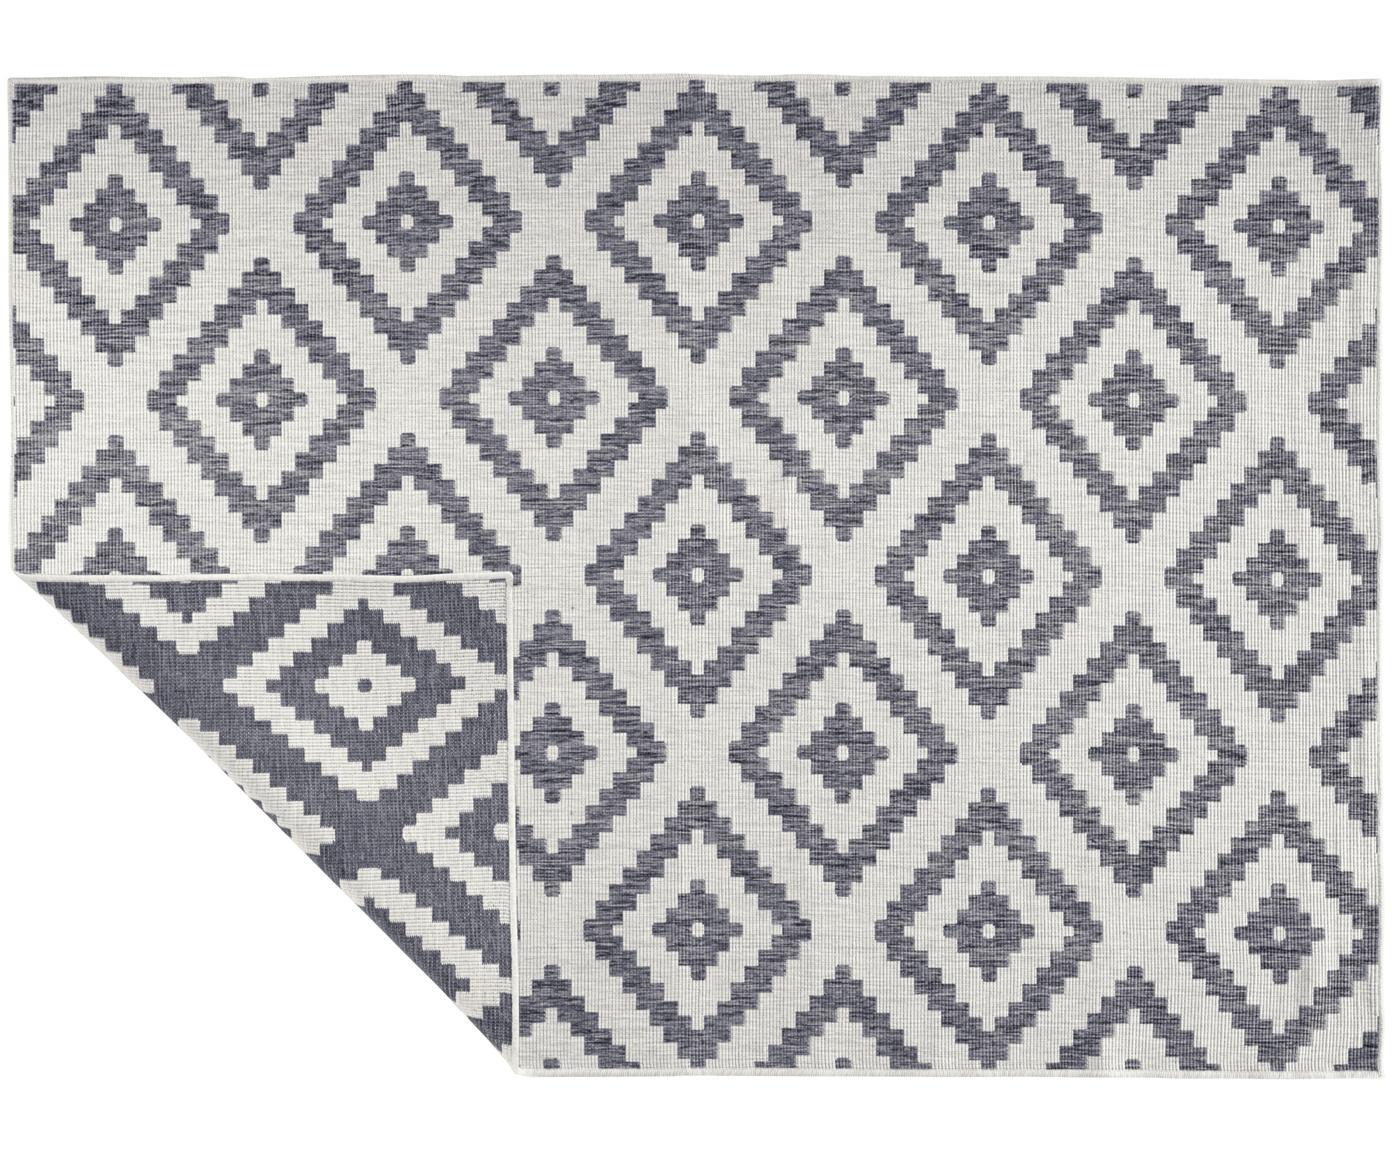 Dubbelzijdig in- en outdoor vloerkleed Malta in grijs/crèmekleur, Grijs, crèmekleurig, B 80 x L 150 cm (maat XS)